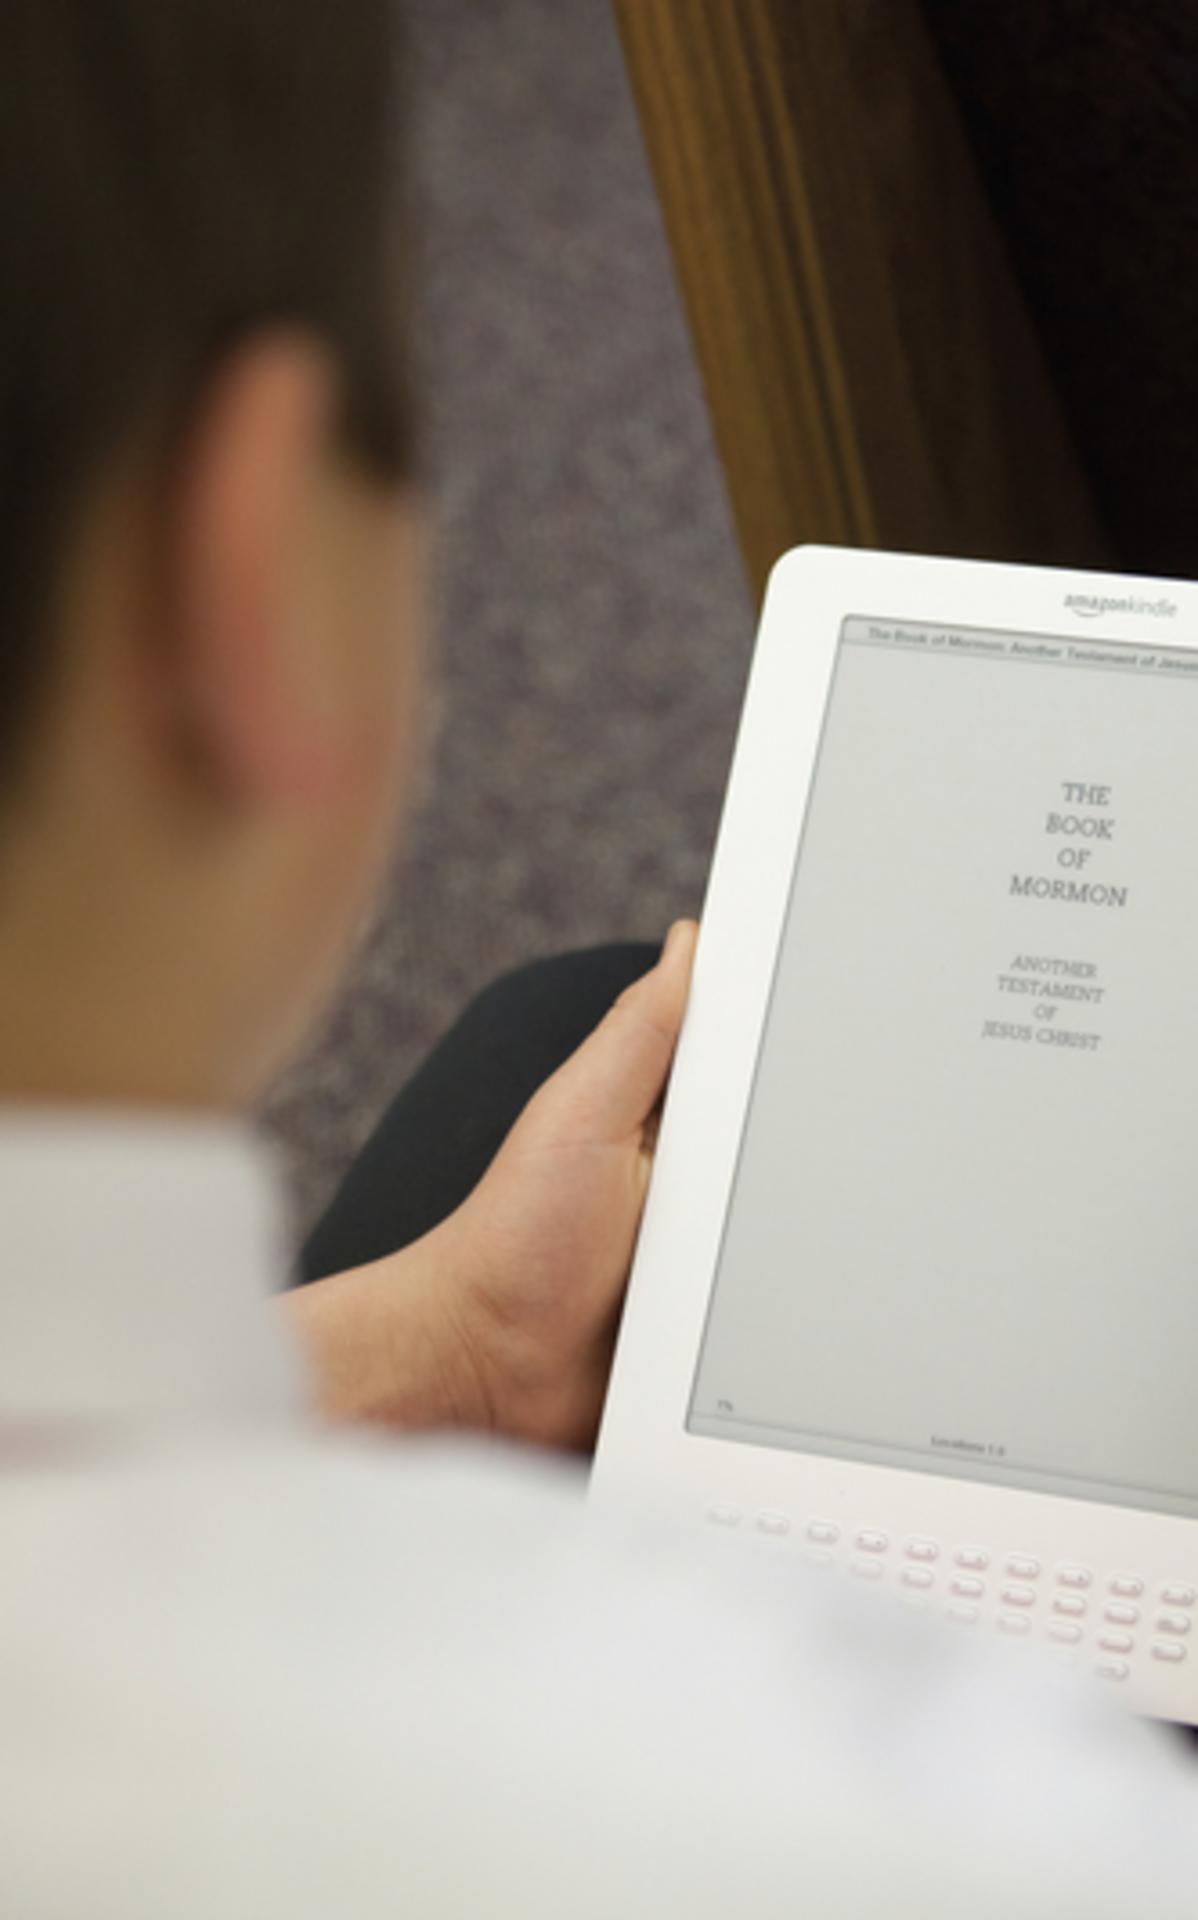 ¿Qué significa usar la tecnología sabiamente?